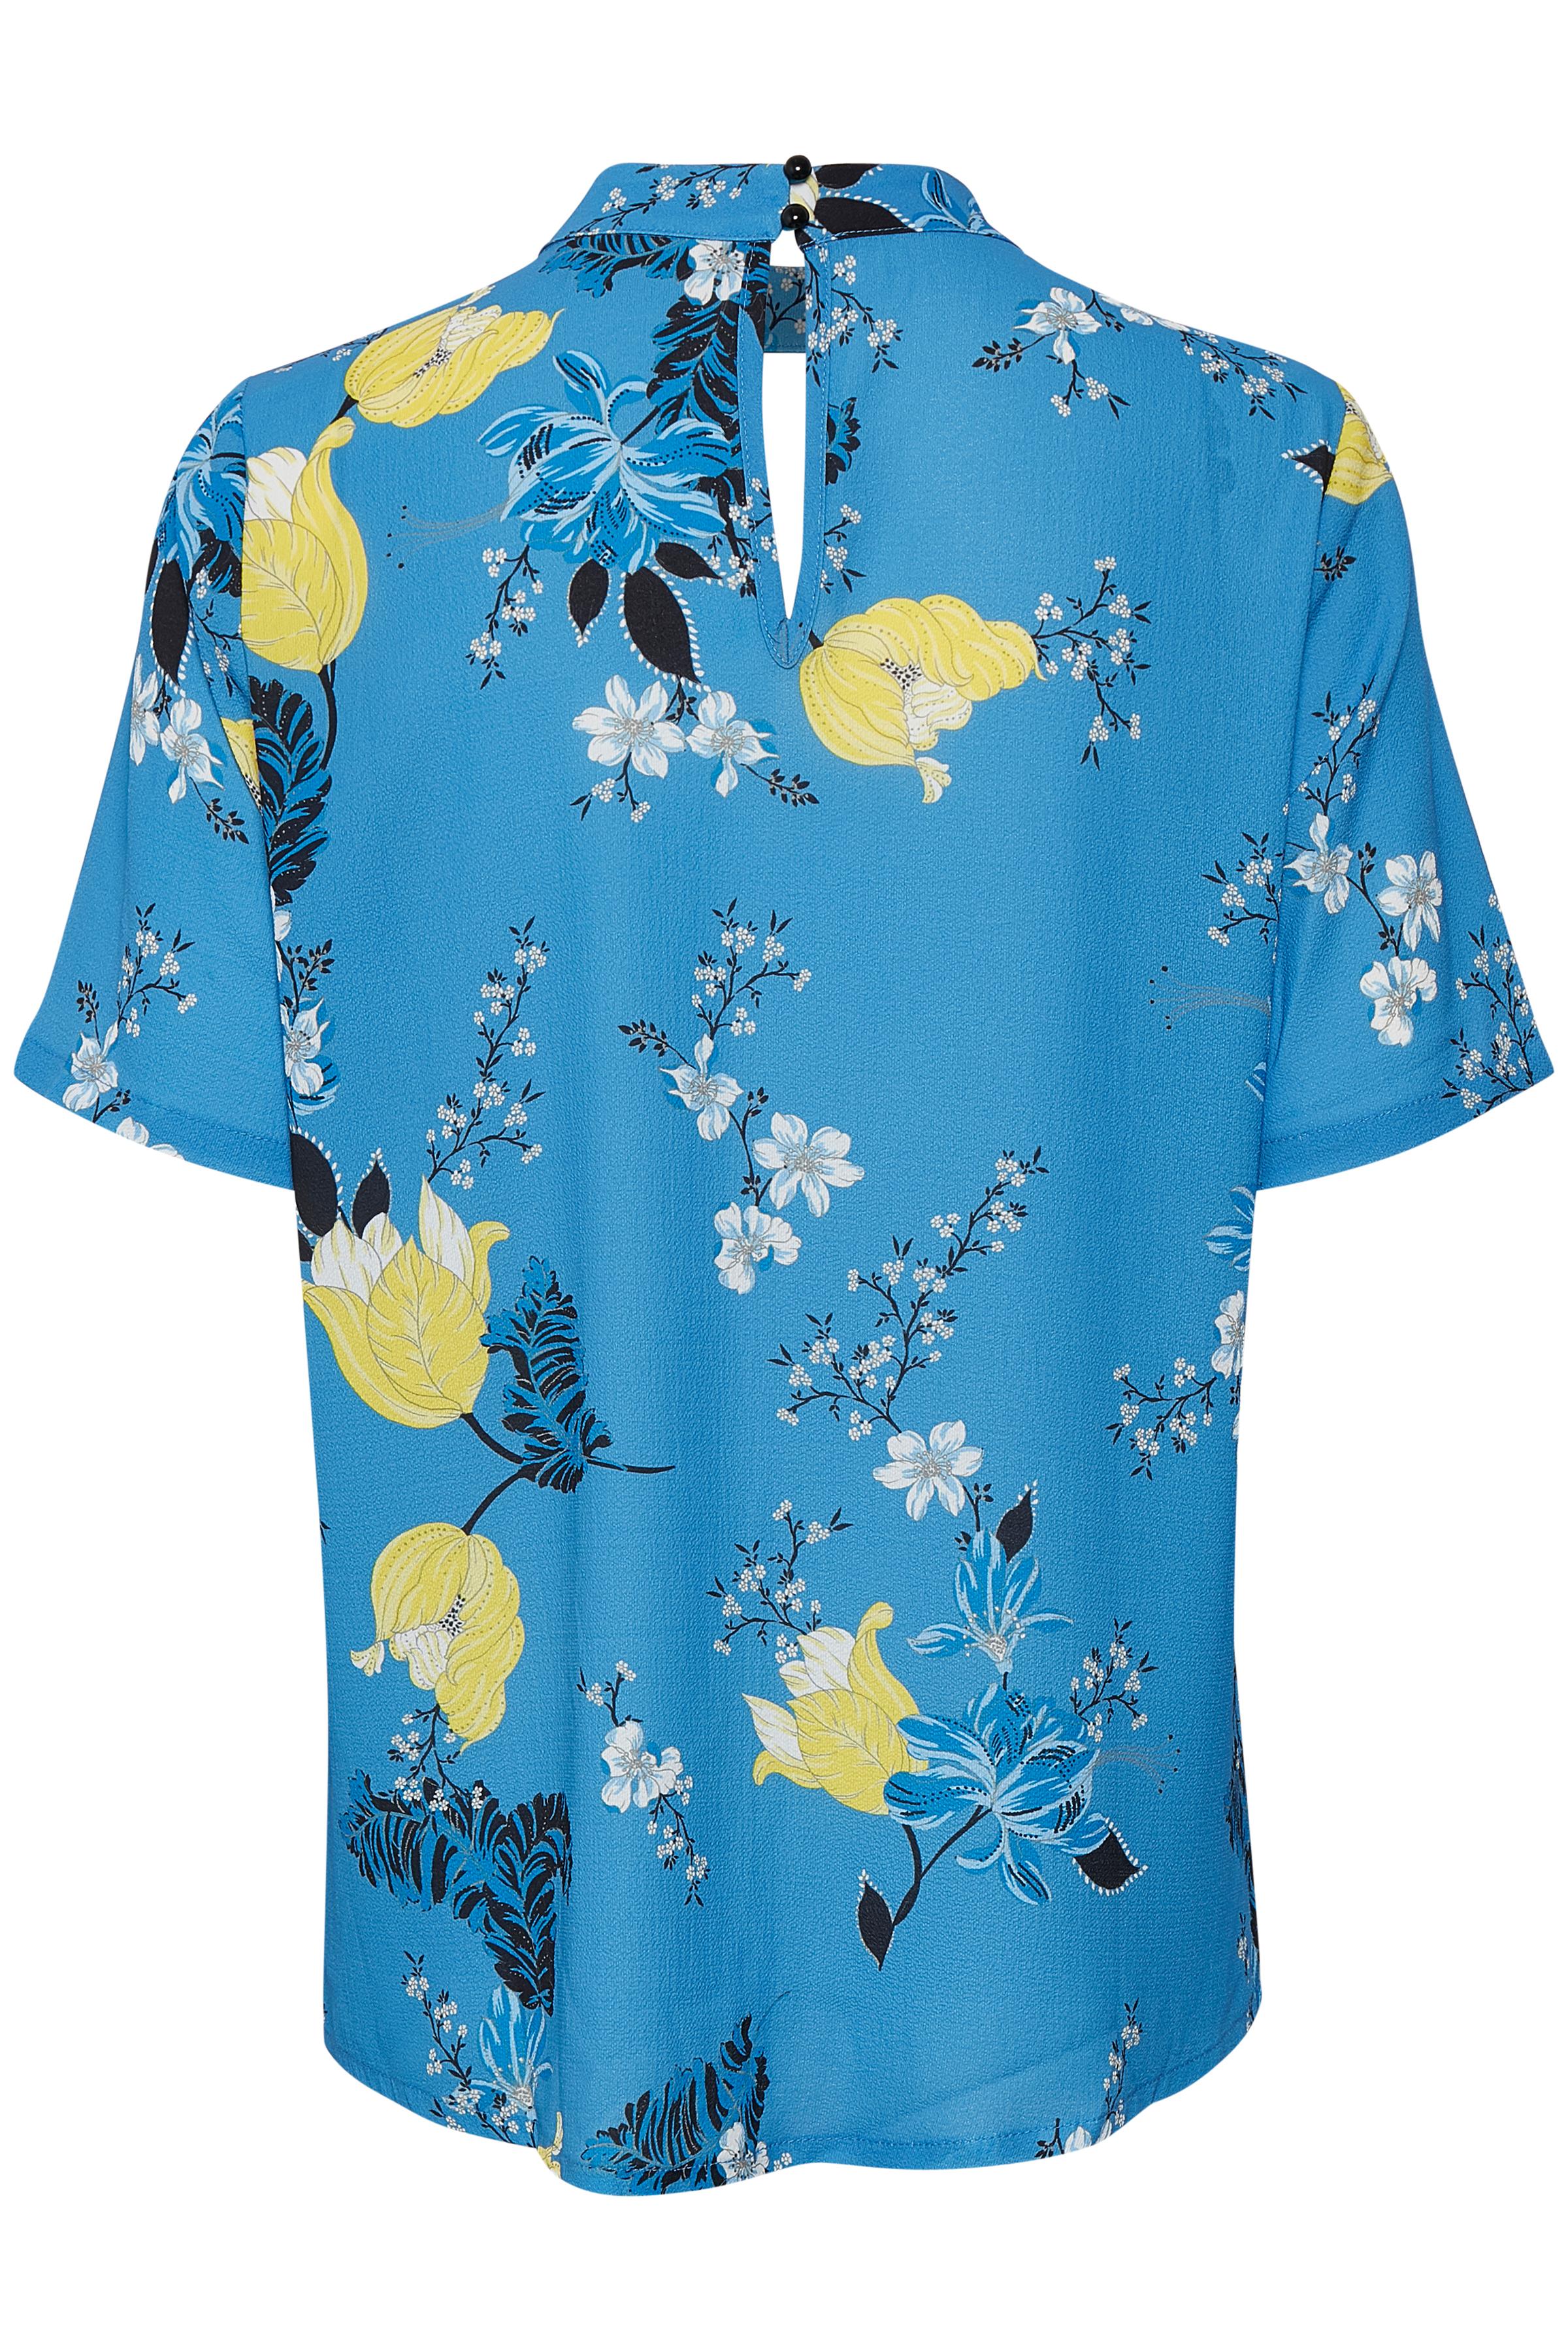 Blauw/geel Korte mouwen shirt  van Kaffe – Door Blauw/geel Korte mouwen shirt  van maat. 34-46 hier